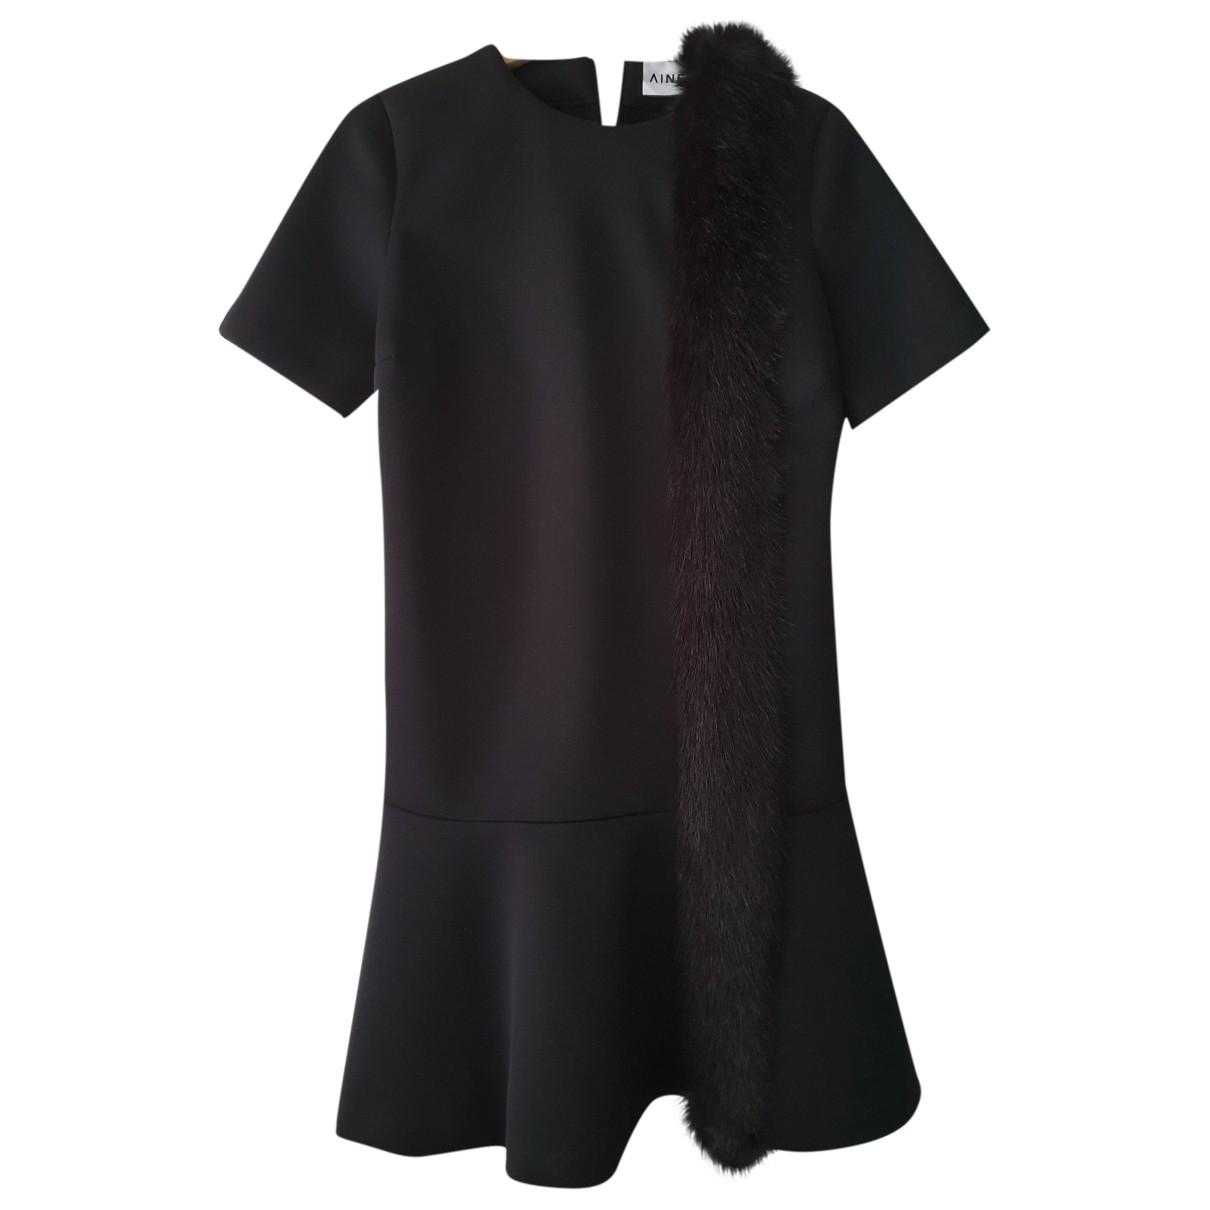 Ainea \N Kleid in  Schwarz Synthetik